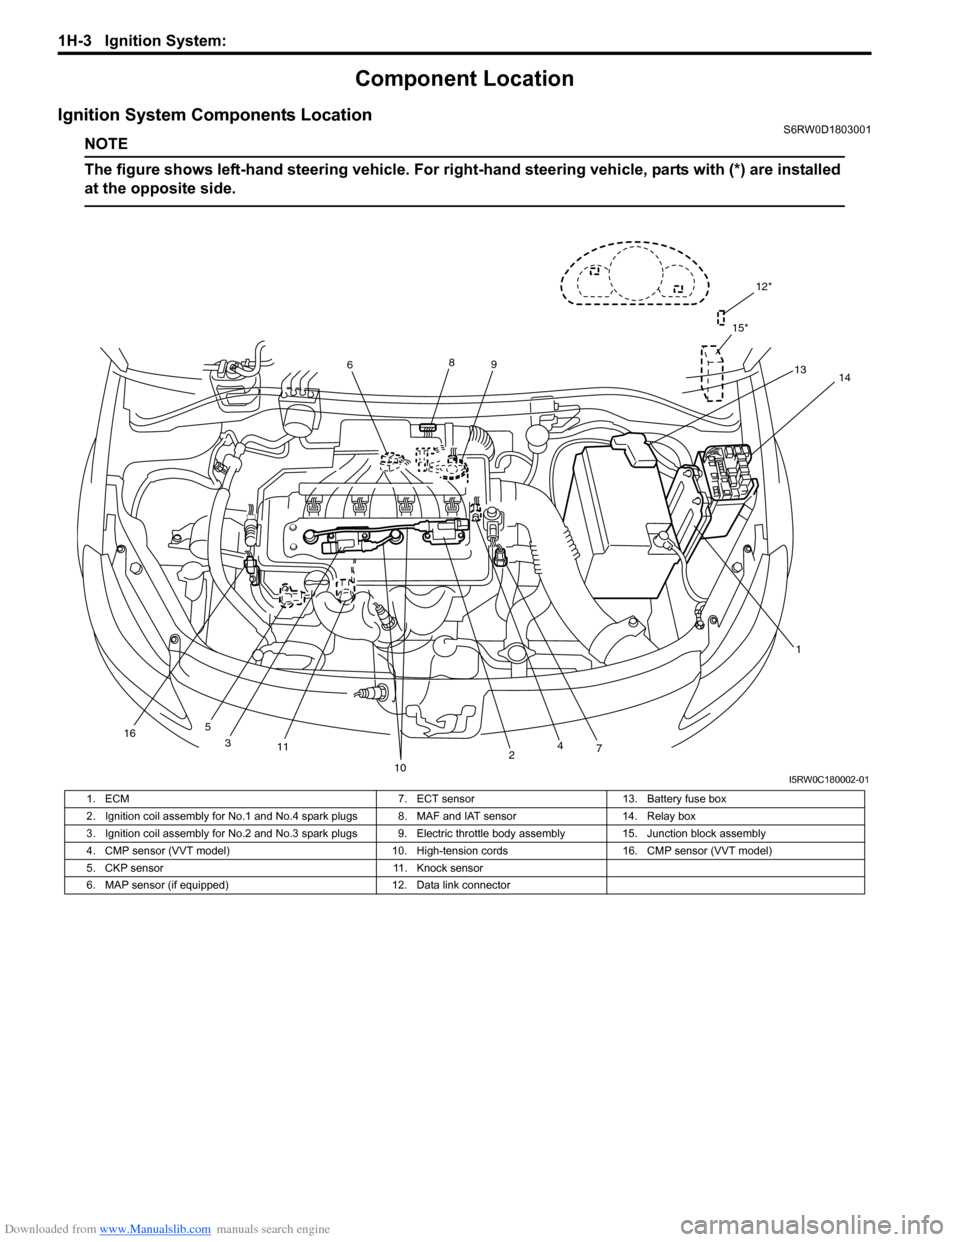 SUZUKI SX4 2006 1.G Service Workshop Manual, Page 398